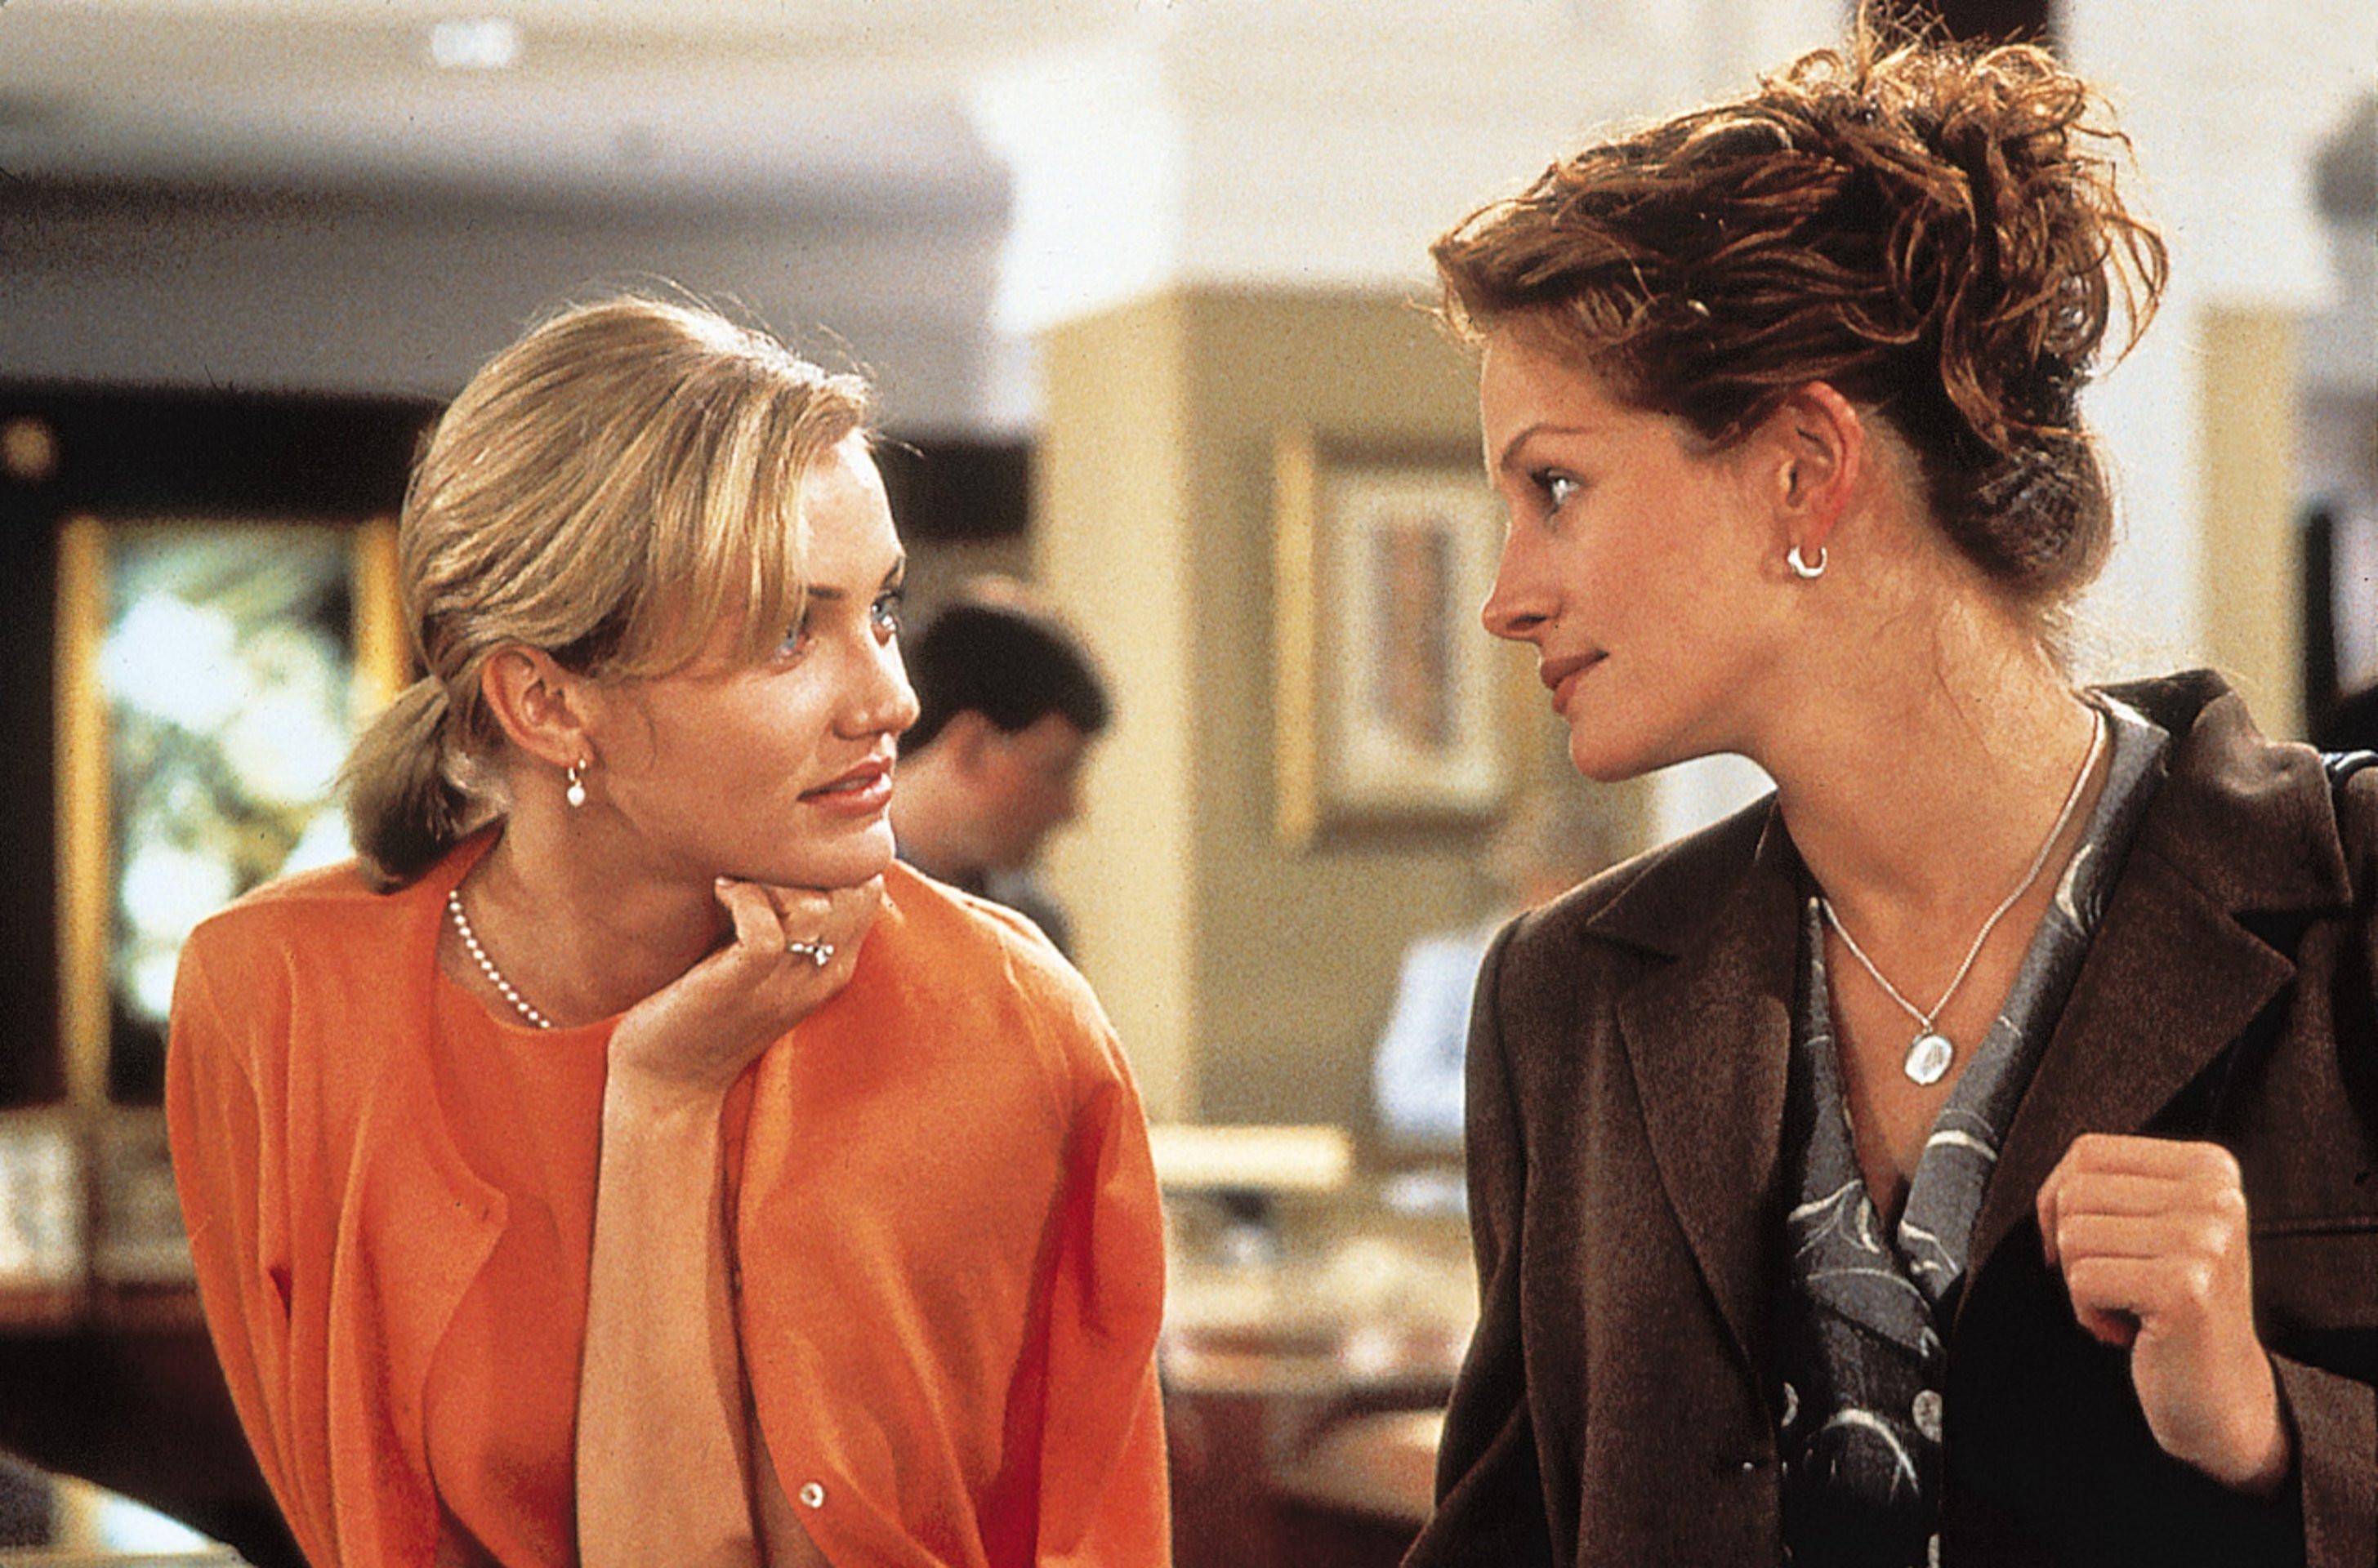 Hochzeit Meines Besten Freundes  Die Hochzeit meines besten Freundes 1997 · Trailer